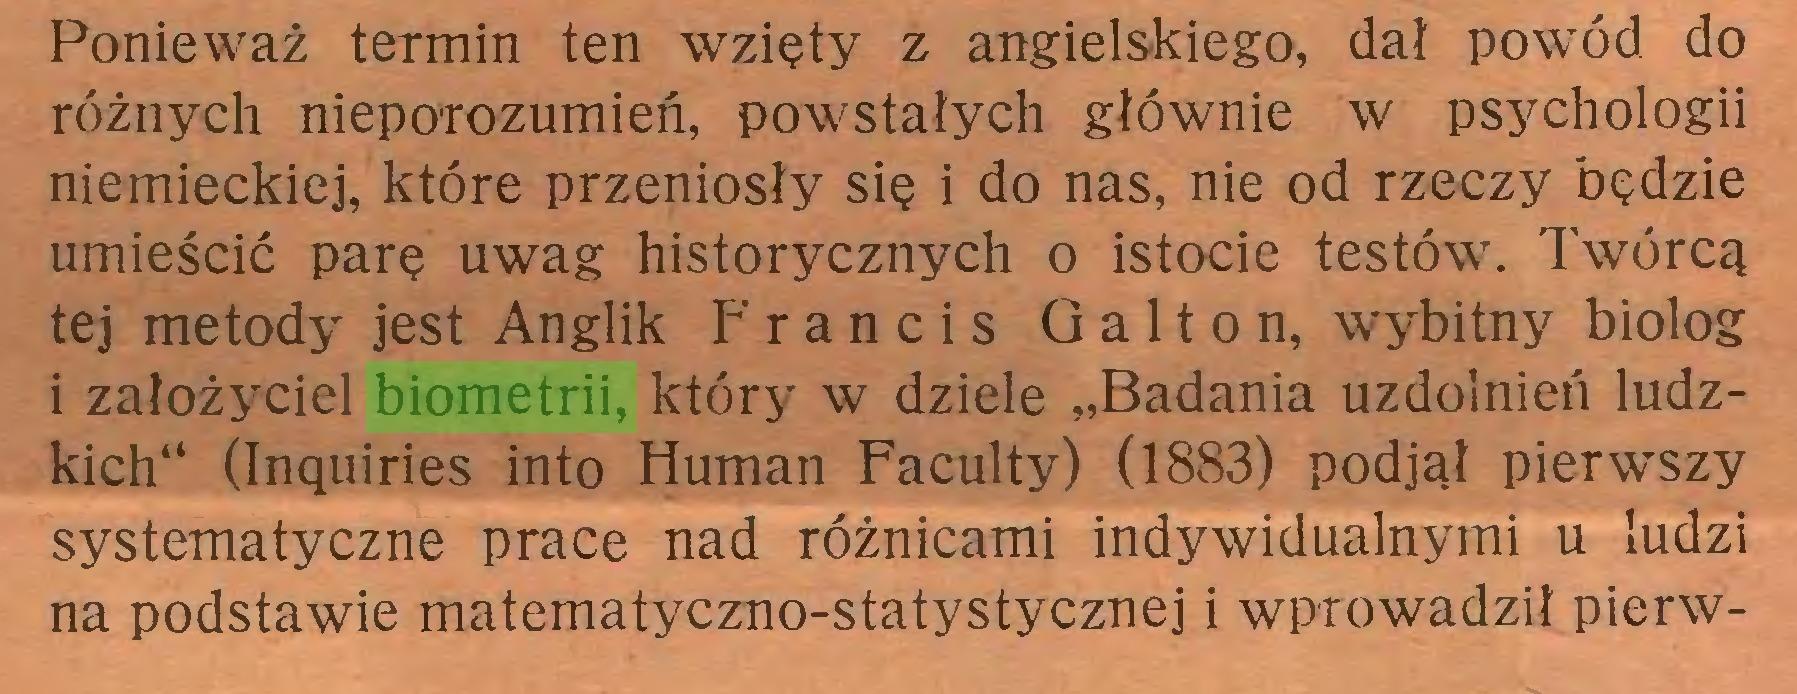 """(...) Ponieważ termin ten wzięty z angielskiego, dał powód do różnych nieporozumień, powstałych głównie w psychologii niemieckiej, które przeniosły się i do nas, nie od rzeczy będzie umieścić parę uwag historycznych o istocie testów. Twórcą tej metody jest Anglik Francis Galton, wybitny biolog i założyciel biometrii, który w dziele """"Badania uzdolnień ludzkich"""" (Inquiries into Human Faculty) (1883) podjął pierwszy systematyczne prace nad różnicami indywidualnymi u ludzi na podstawie matematyczno-statystycznej i wprowadził pierw..."""